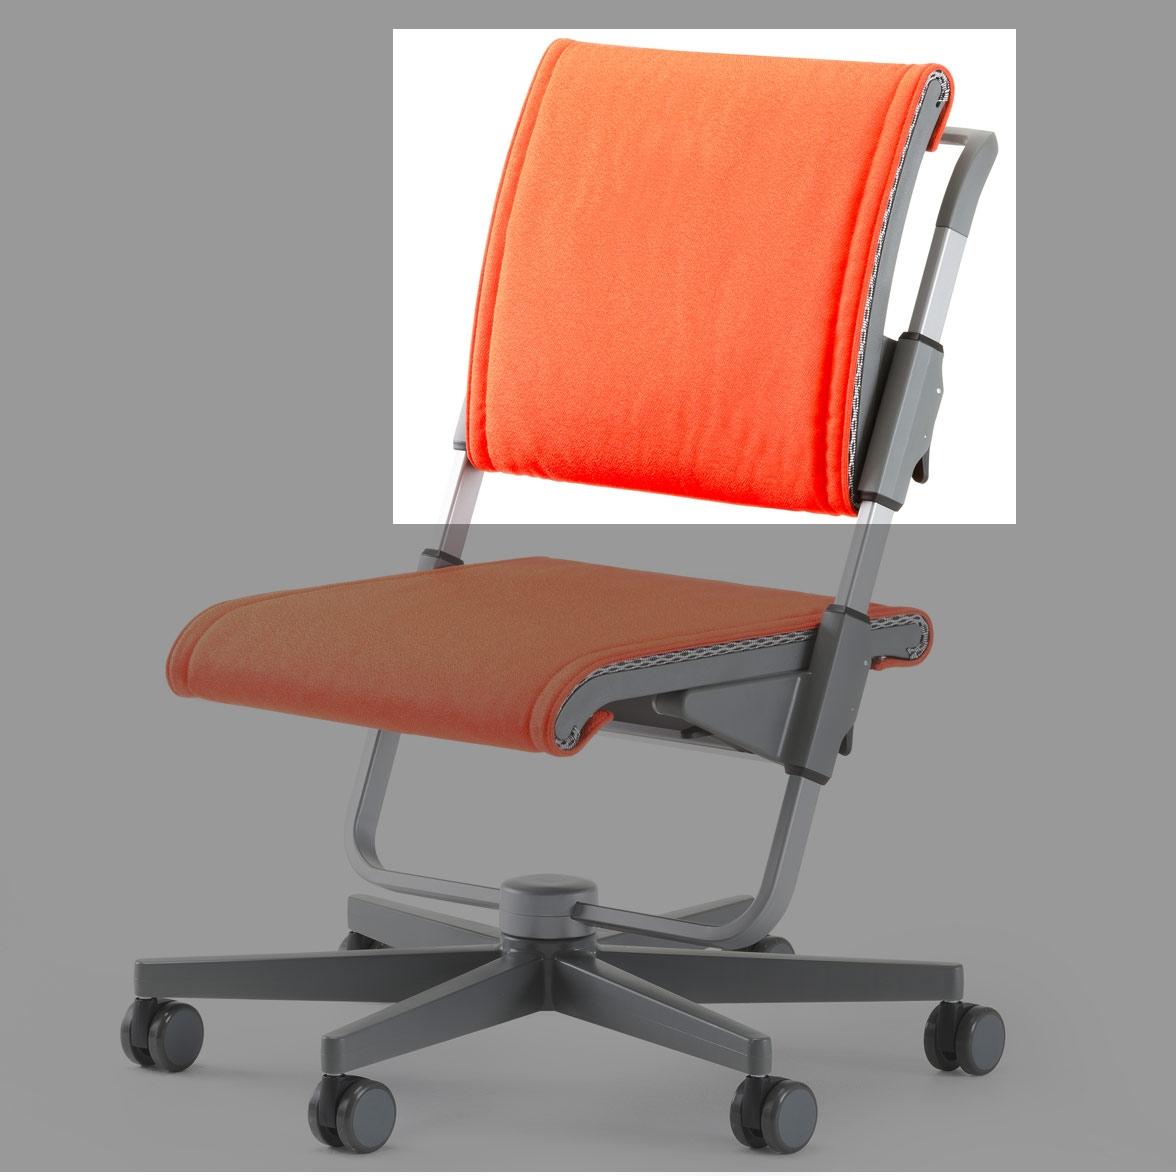 moll scooter r ckenkissen online kaufen. Black Bedroom Furniture Sets. Home Design Ideas